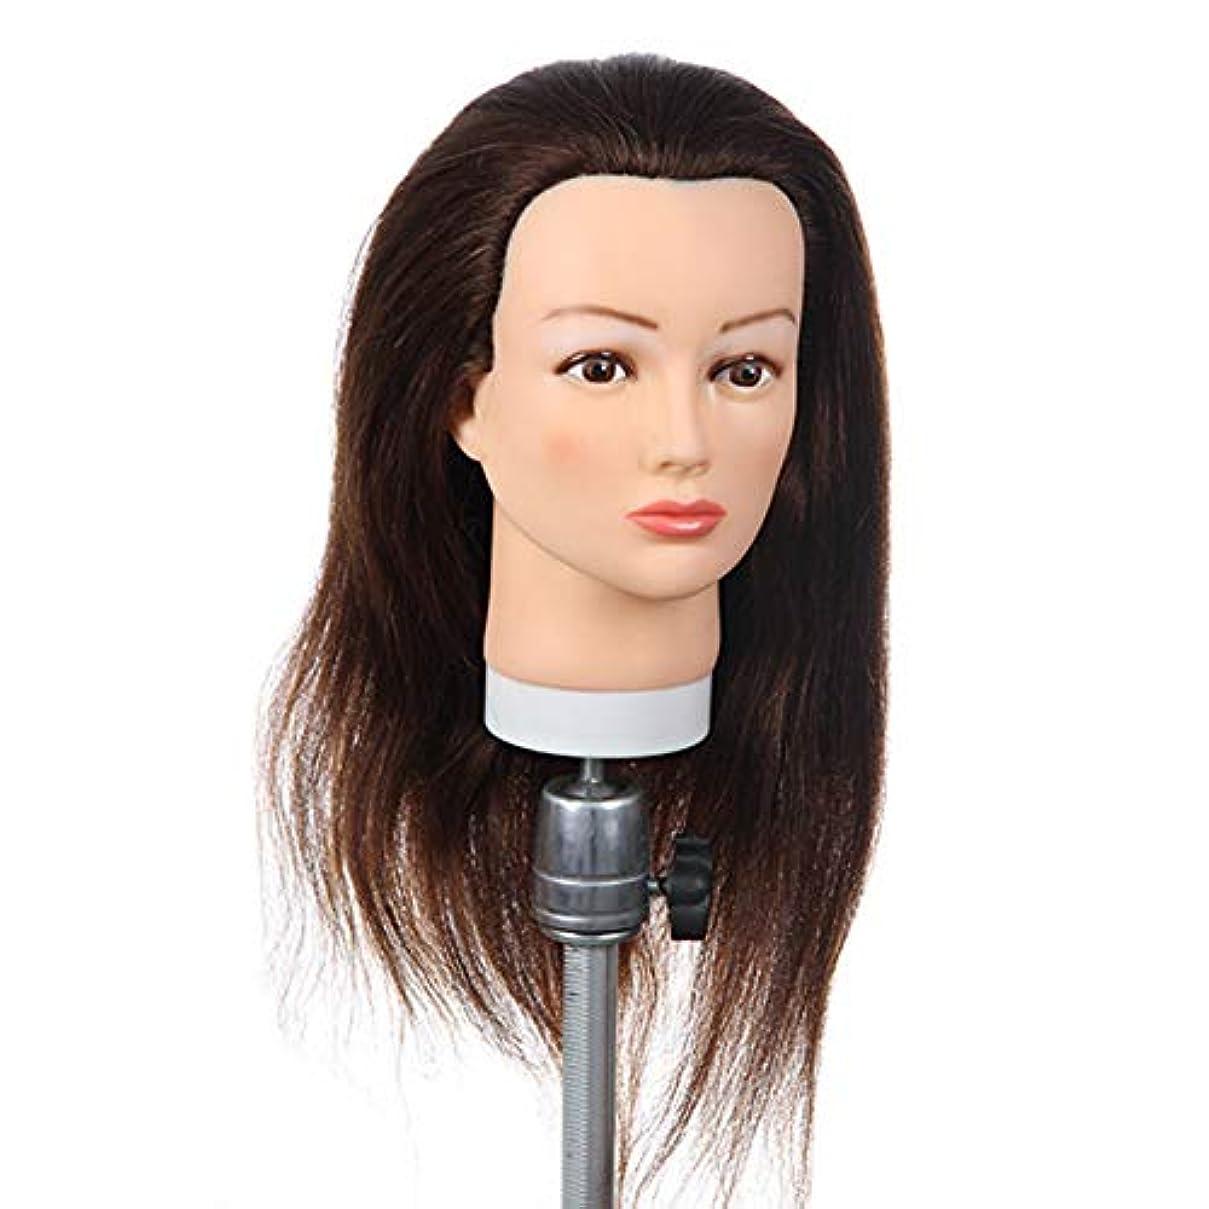 超越する雷雨置くためにパック理髪店理髪練習ヘッドパーマ髪染め髪ダミーヘッド花嫁メイクスタイリング編組マネキンヘッド